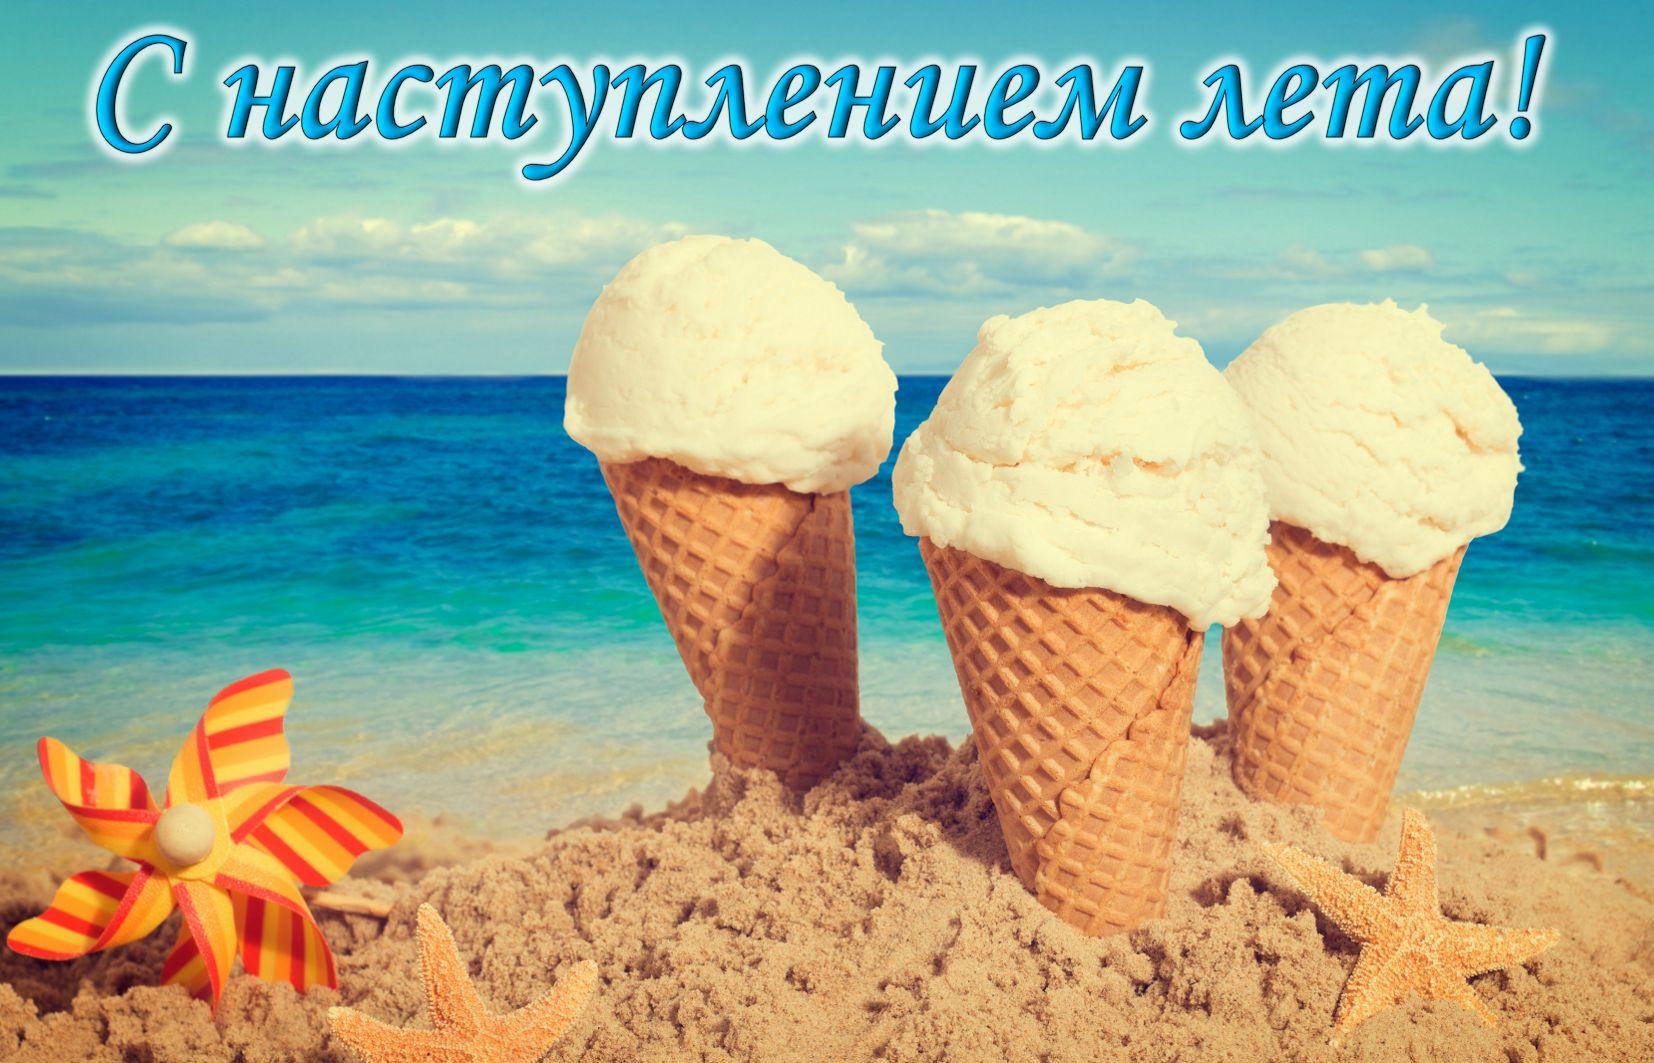 Открытка с первым днём лета - мороженое в песке на фоне синего моря